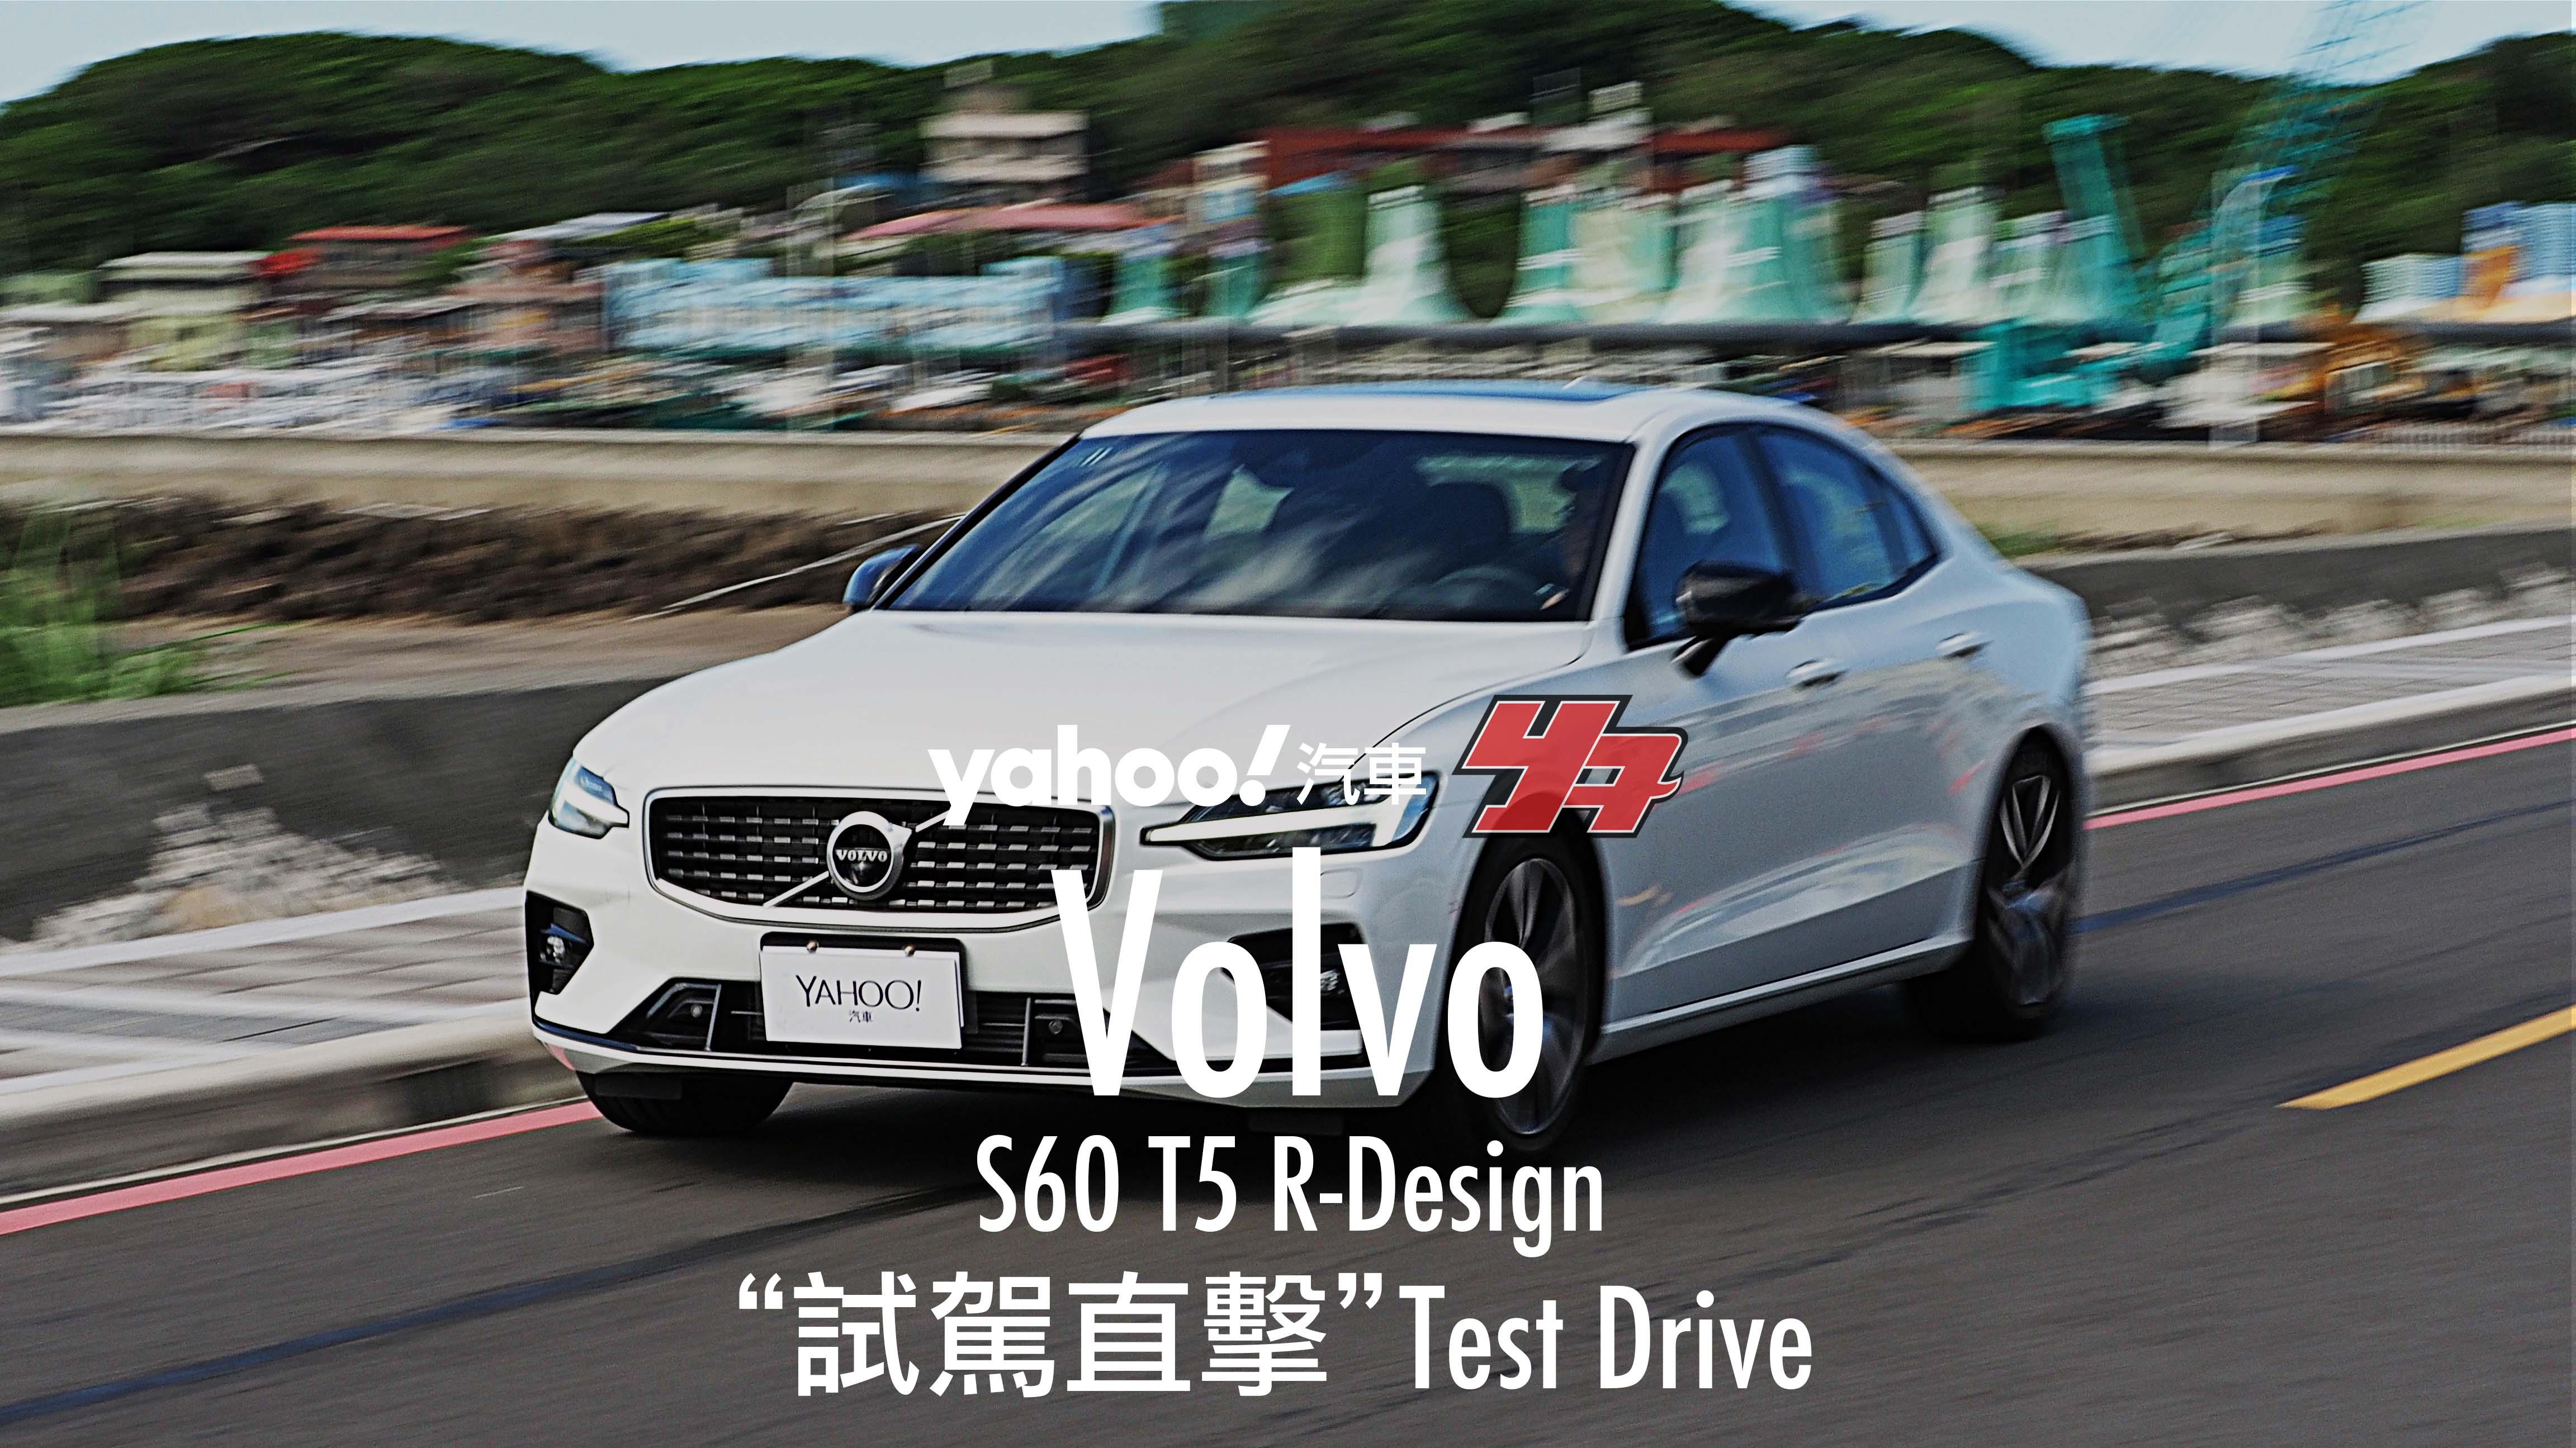 【試駕直擊】北歐第60號沉靜二部曲-來自丹德呂德的痞子紳士!2019 Volvo S60 T5 R-Design淡水試駕